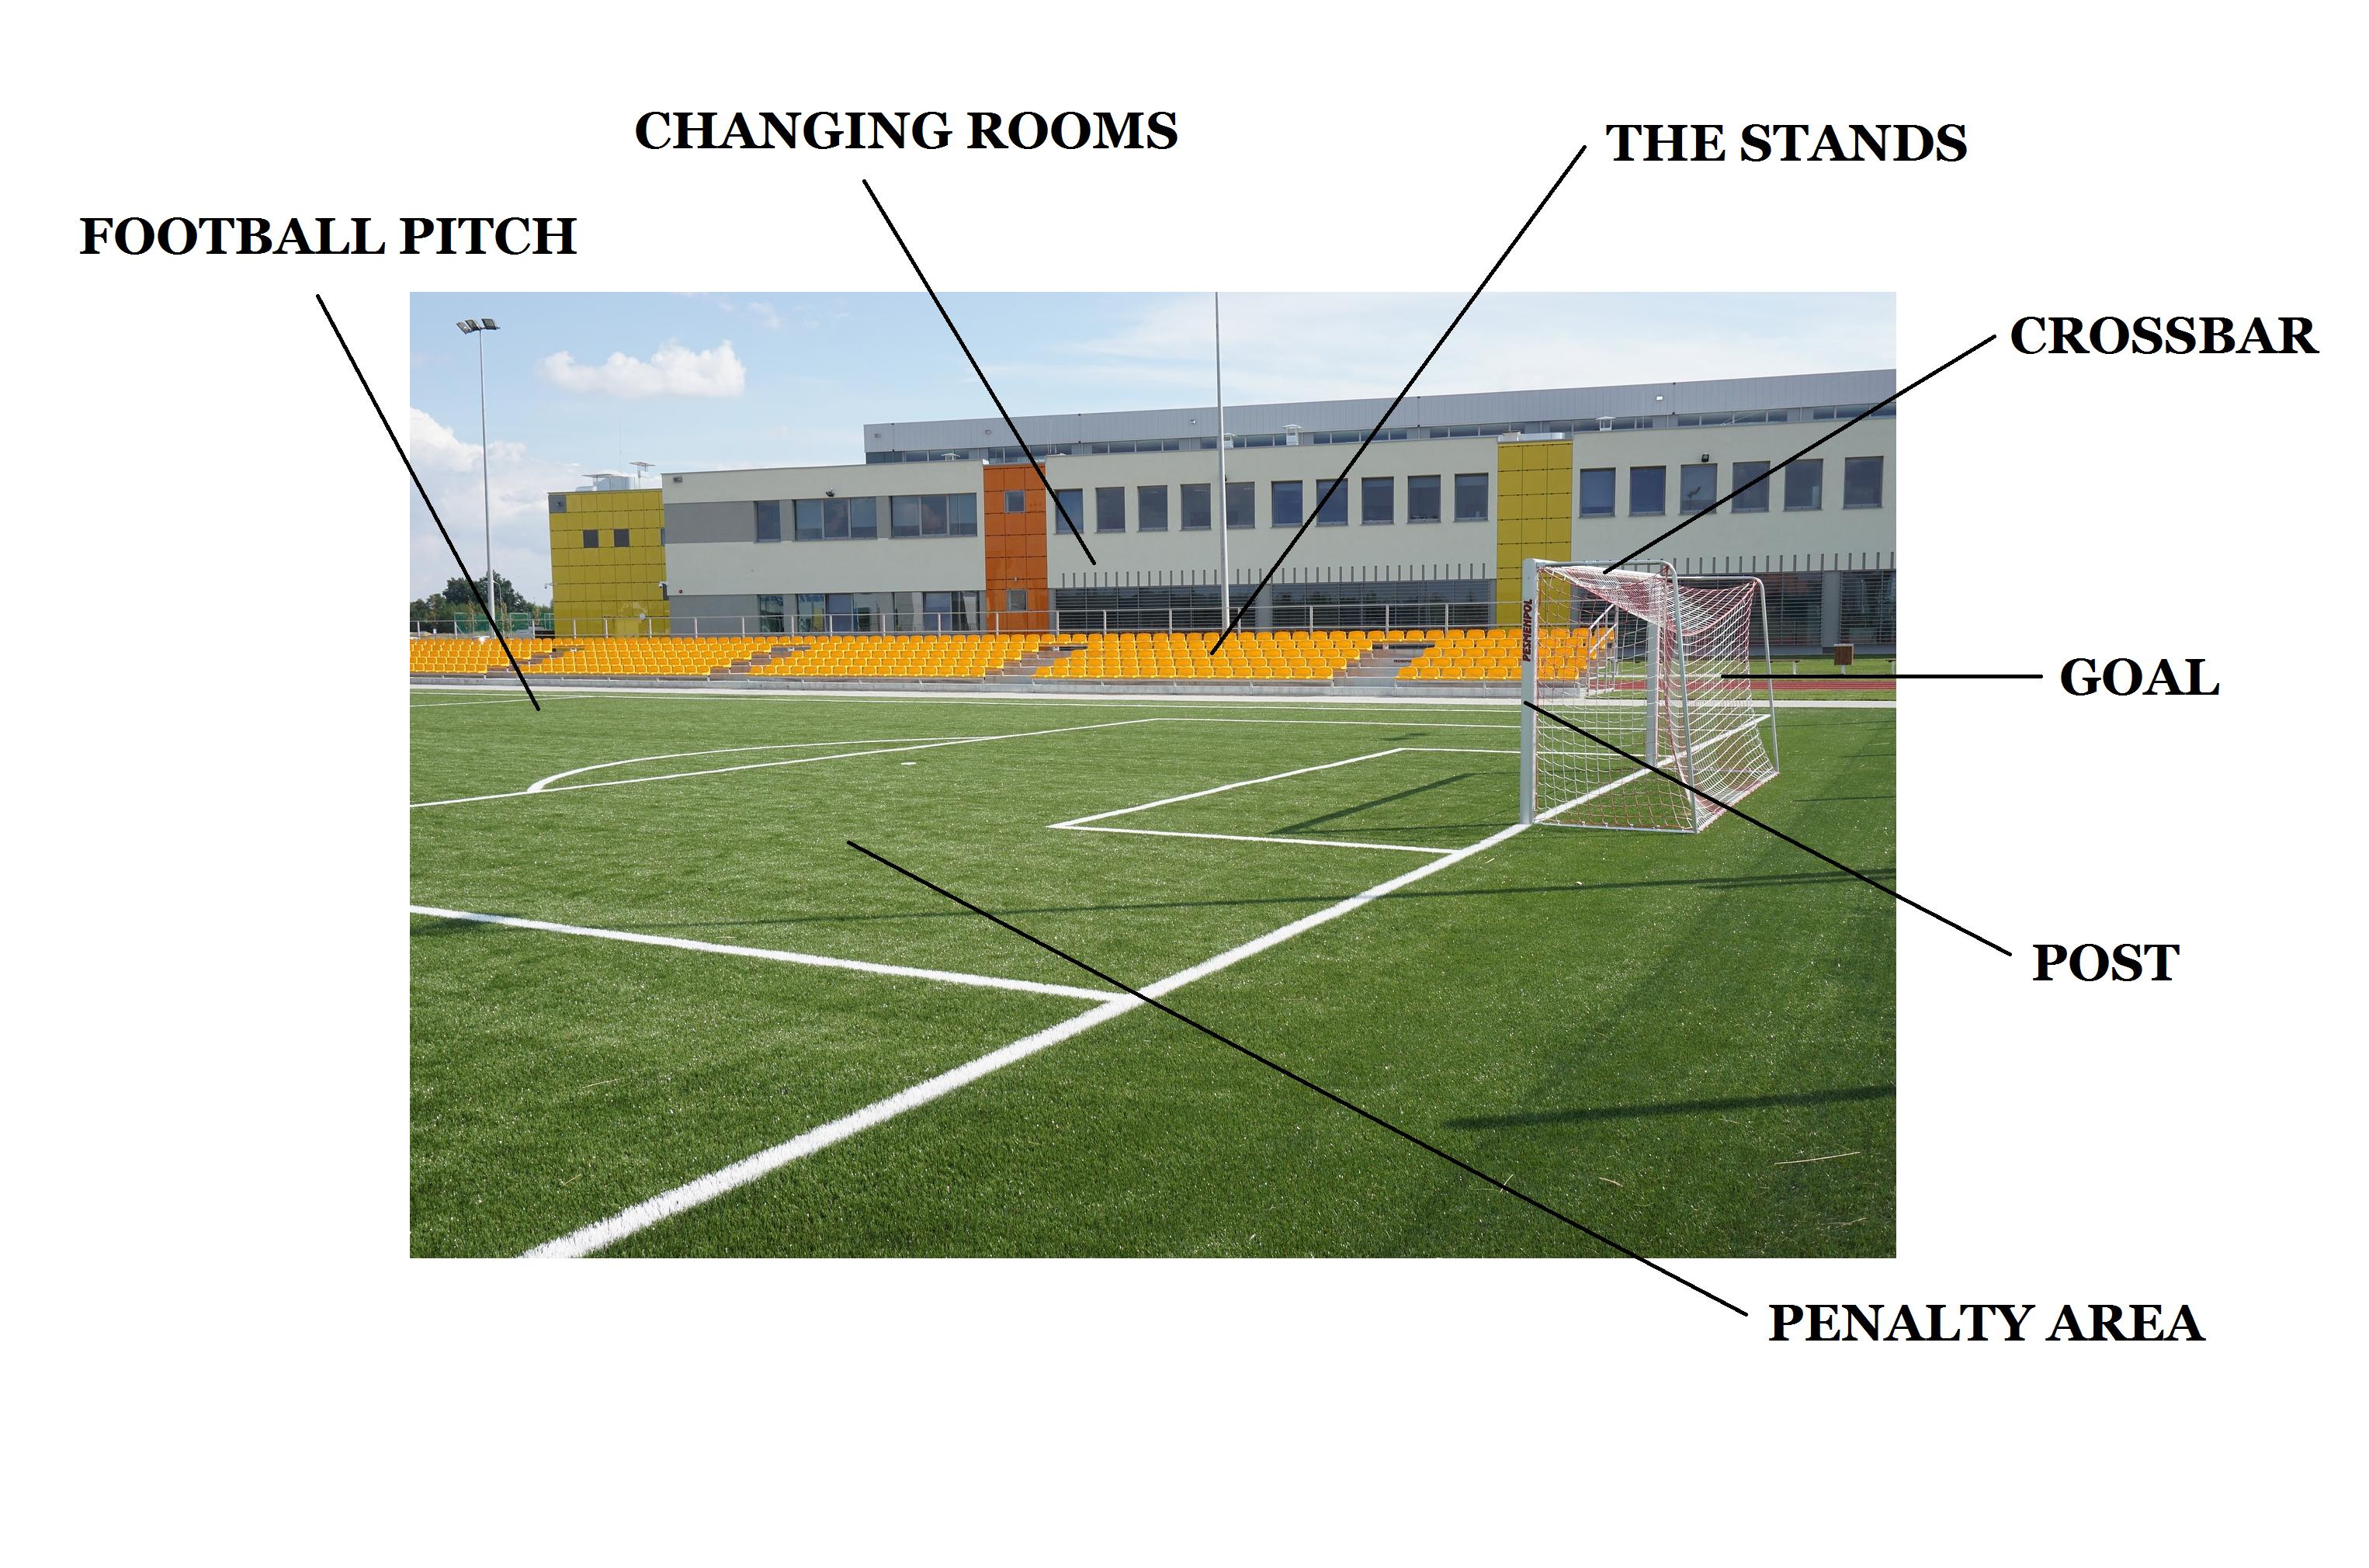 Blog o języku angielskim - Angielski słówka - Nauka angielskiego online - FOOTBALL GROUND